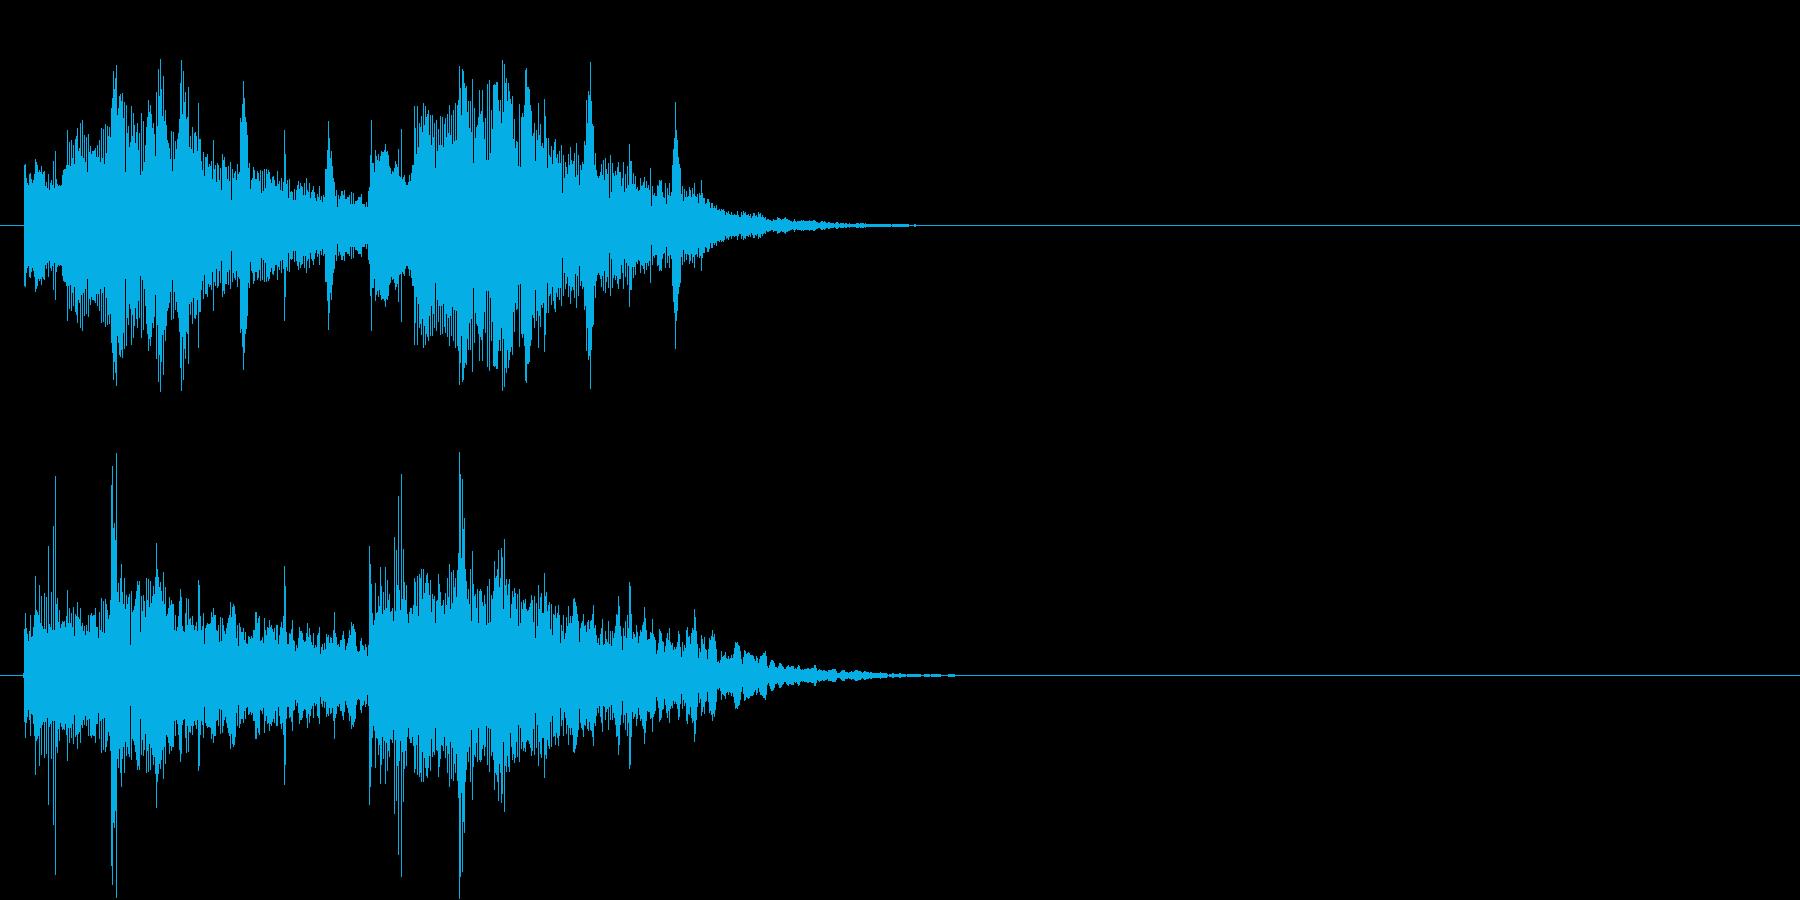 ジングル(なぜ?なに?クイズ思案中風)の再生済みの波形